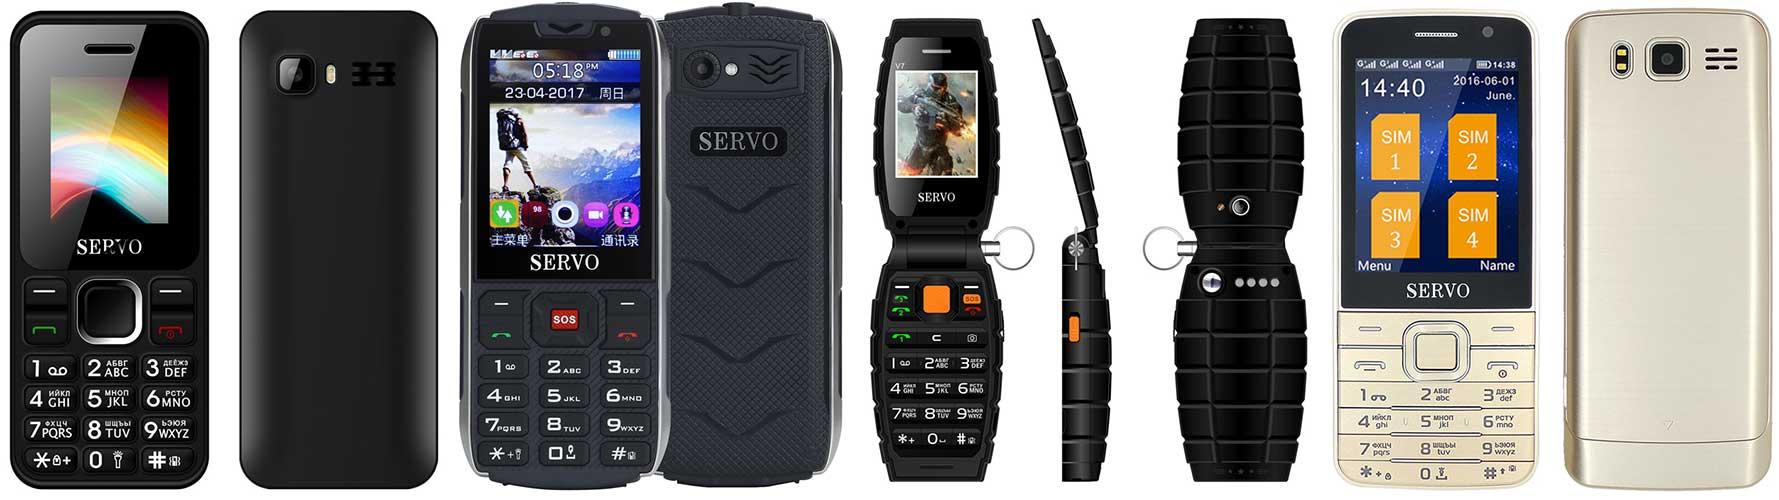 Телефоны Servo